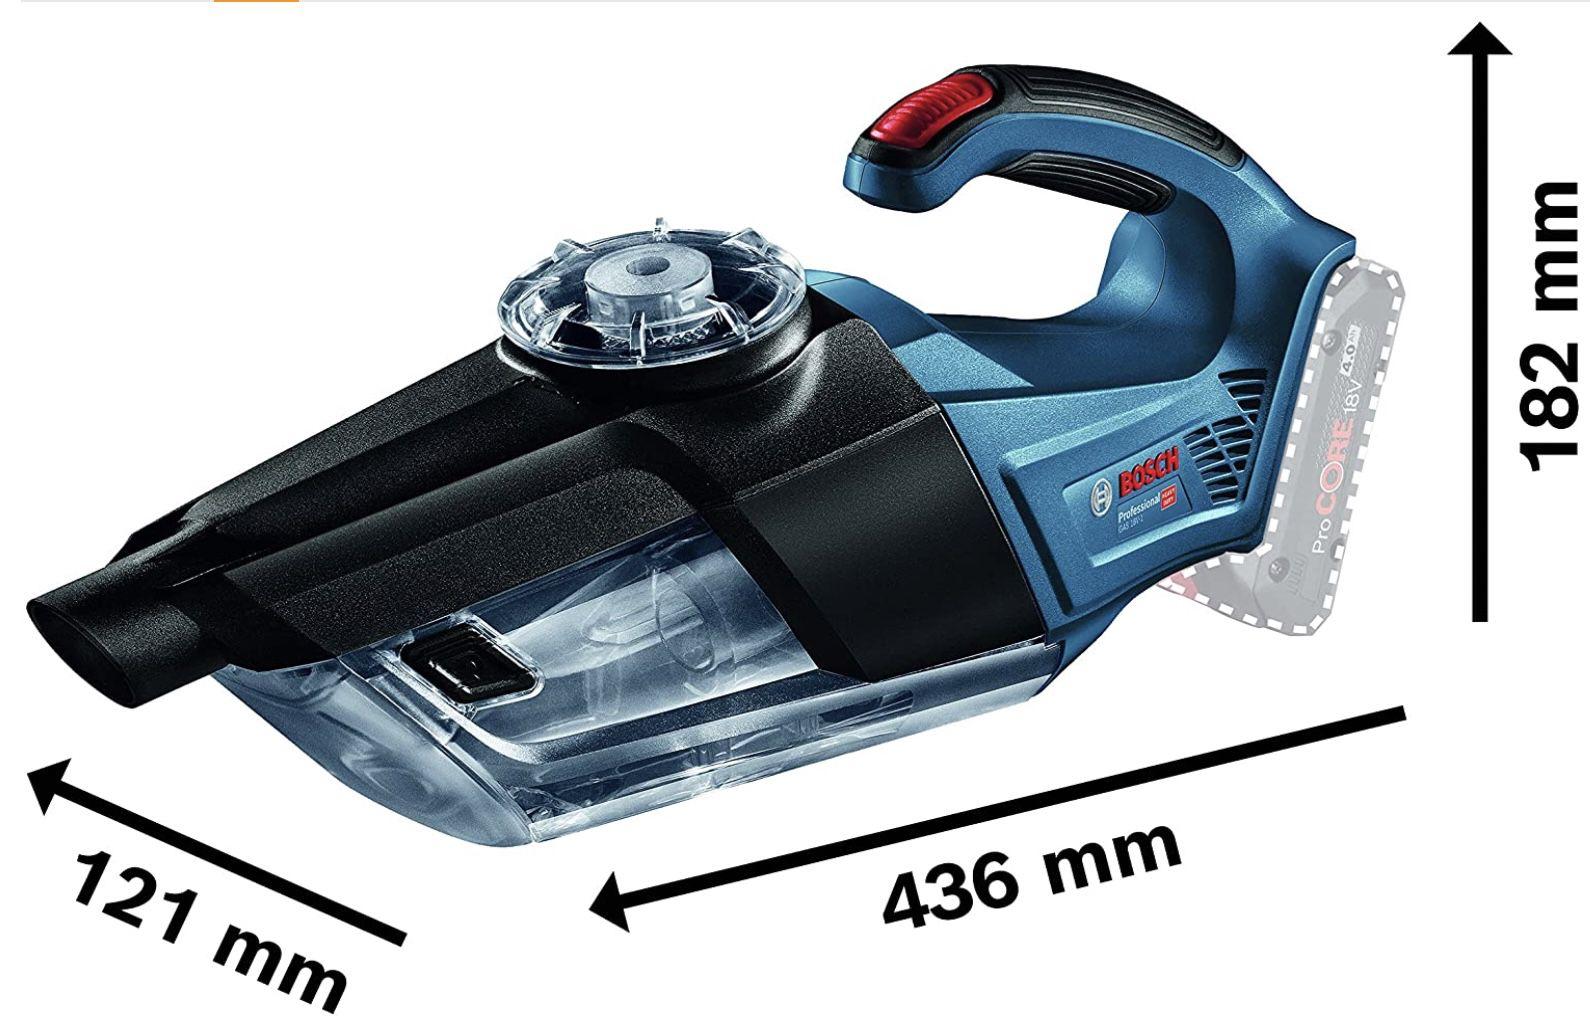 Bosch Professional GAS 18V 1 System Akku Handstaubsauger ohne Akkus/Ladegerät für 53,59€ (statt 65€)